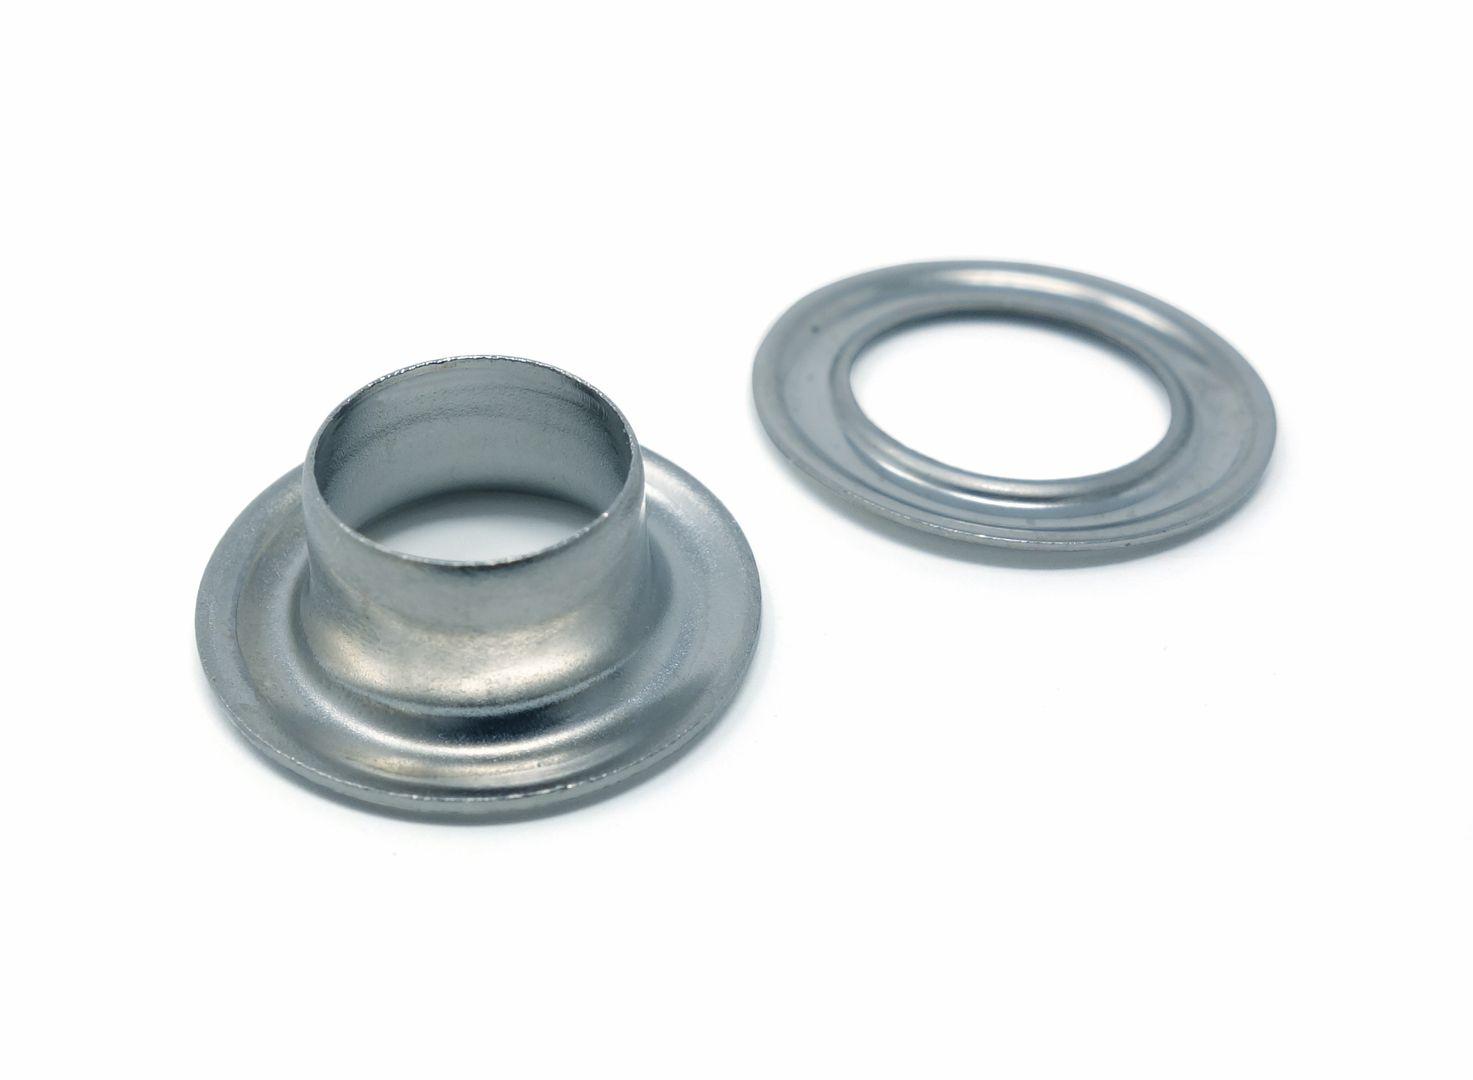 9,2 mm selbstlochende Ösen mit extra langem Schaft 12,0 mm und mit Scheibe (rostfrei) für Ösenpressen und Einschlagwerkzeuge – Bild 4